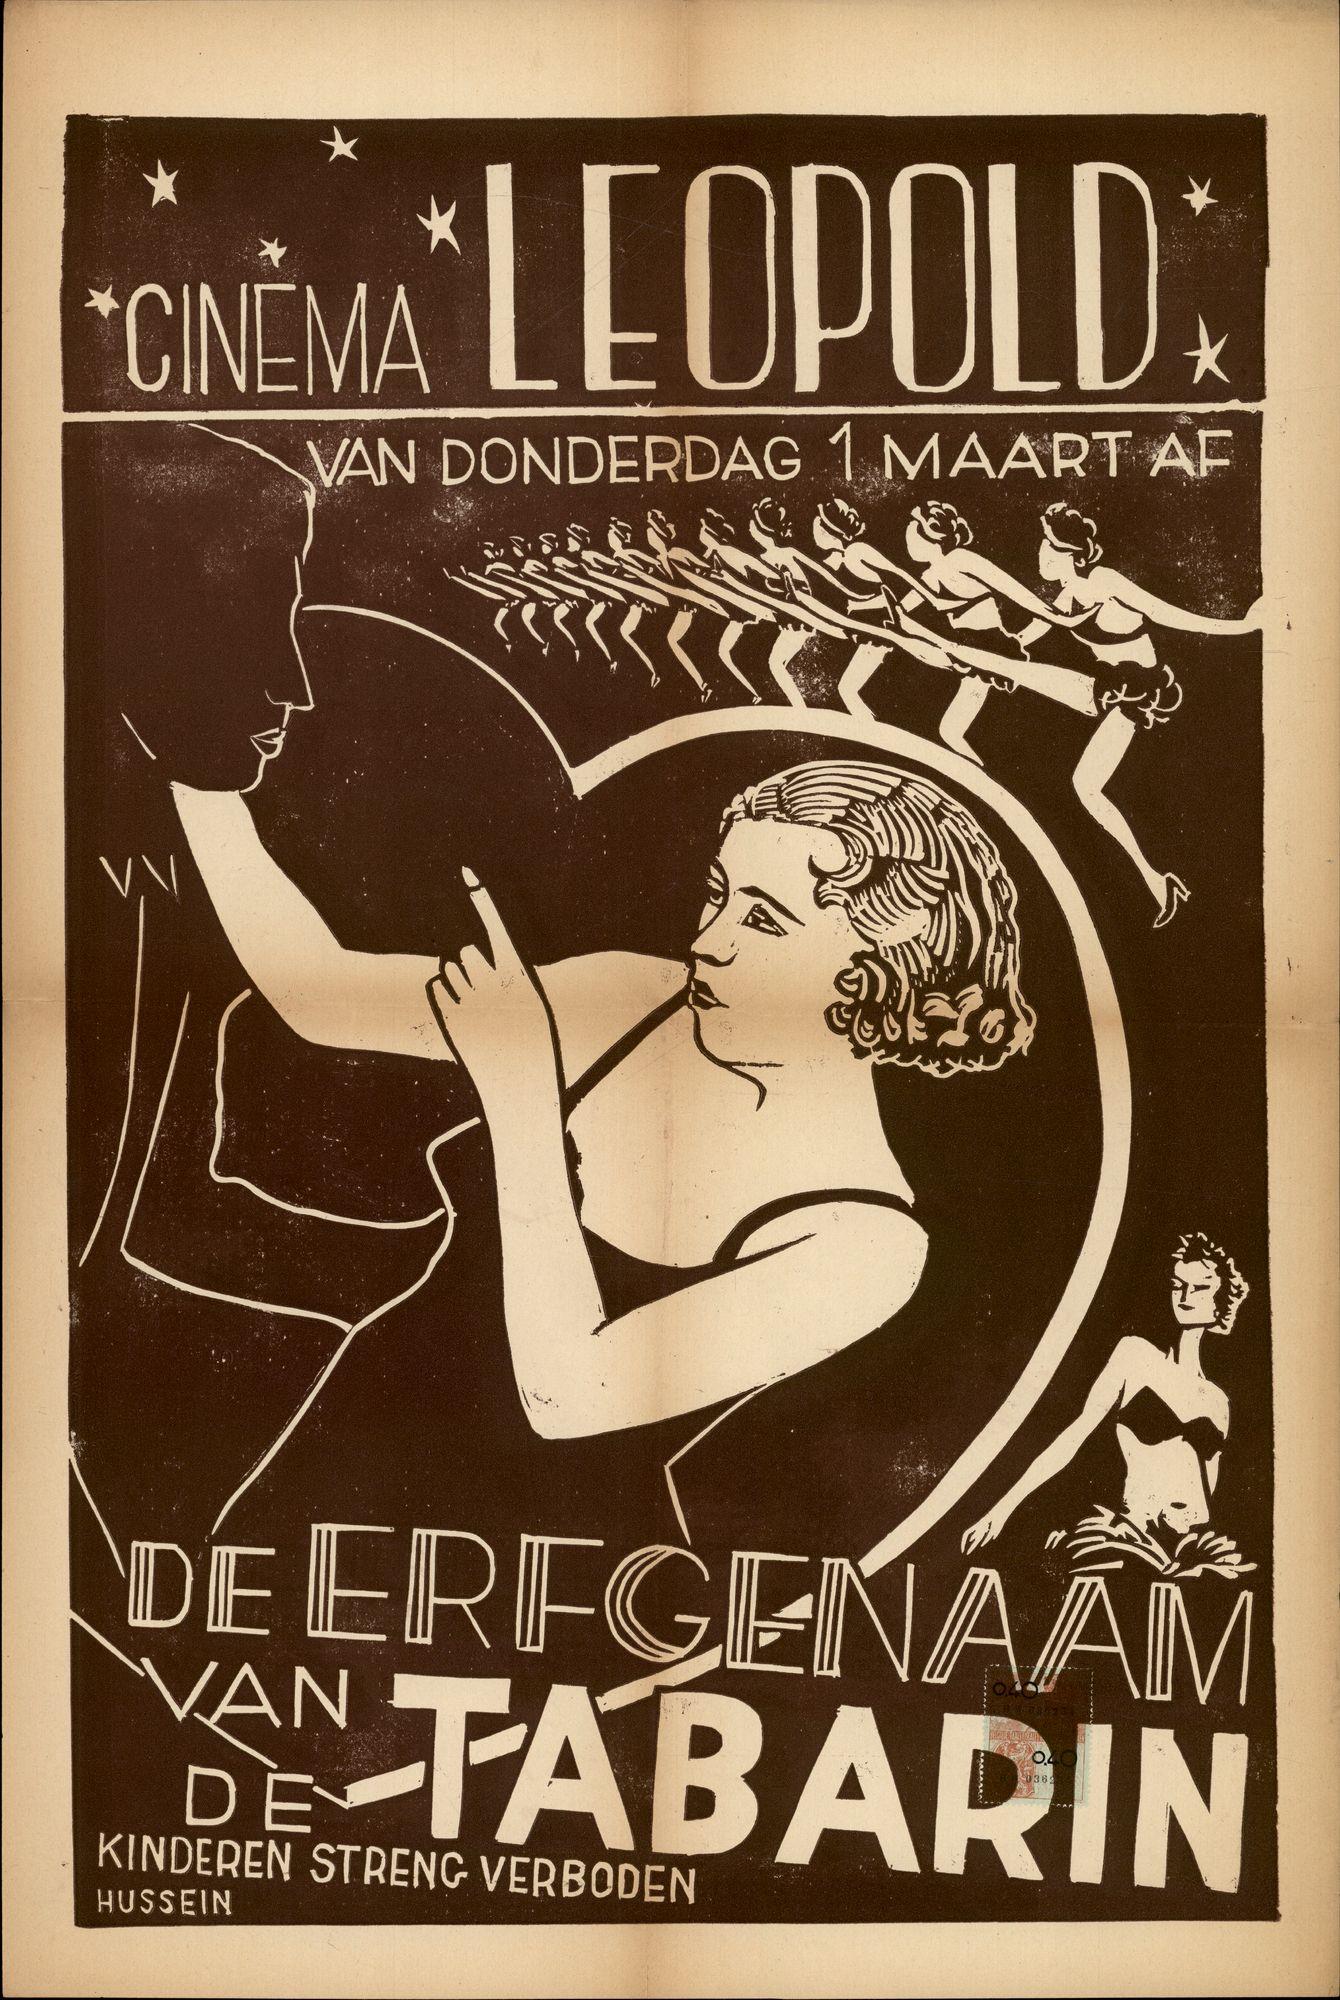 De Erfgenaam van de Tabarin, Cinema Leopold, Gent, vanaf 1 maart 1951